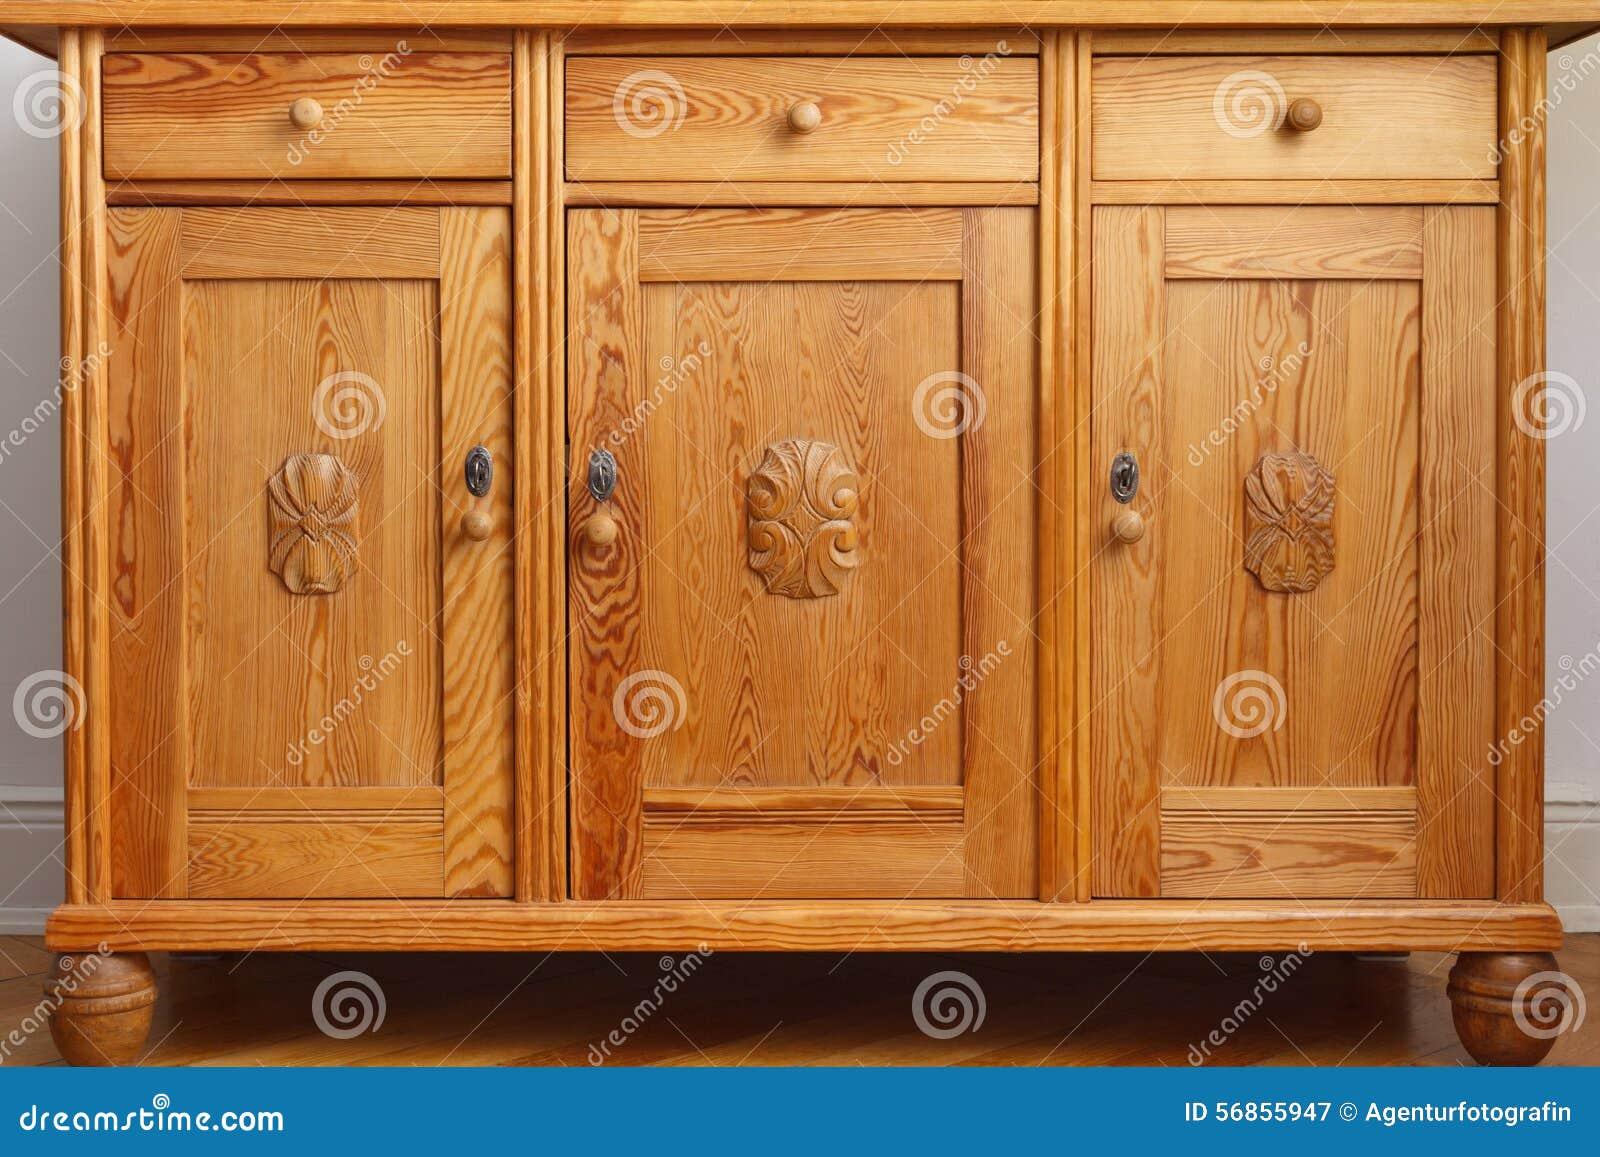 Credenza Bassa Con Cassetti : Porte dannata dei cassetti del gabinetto della credenza immagine